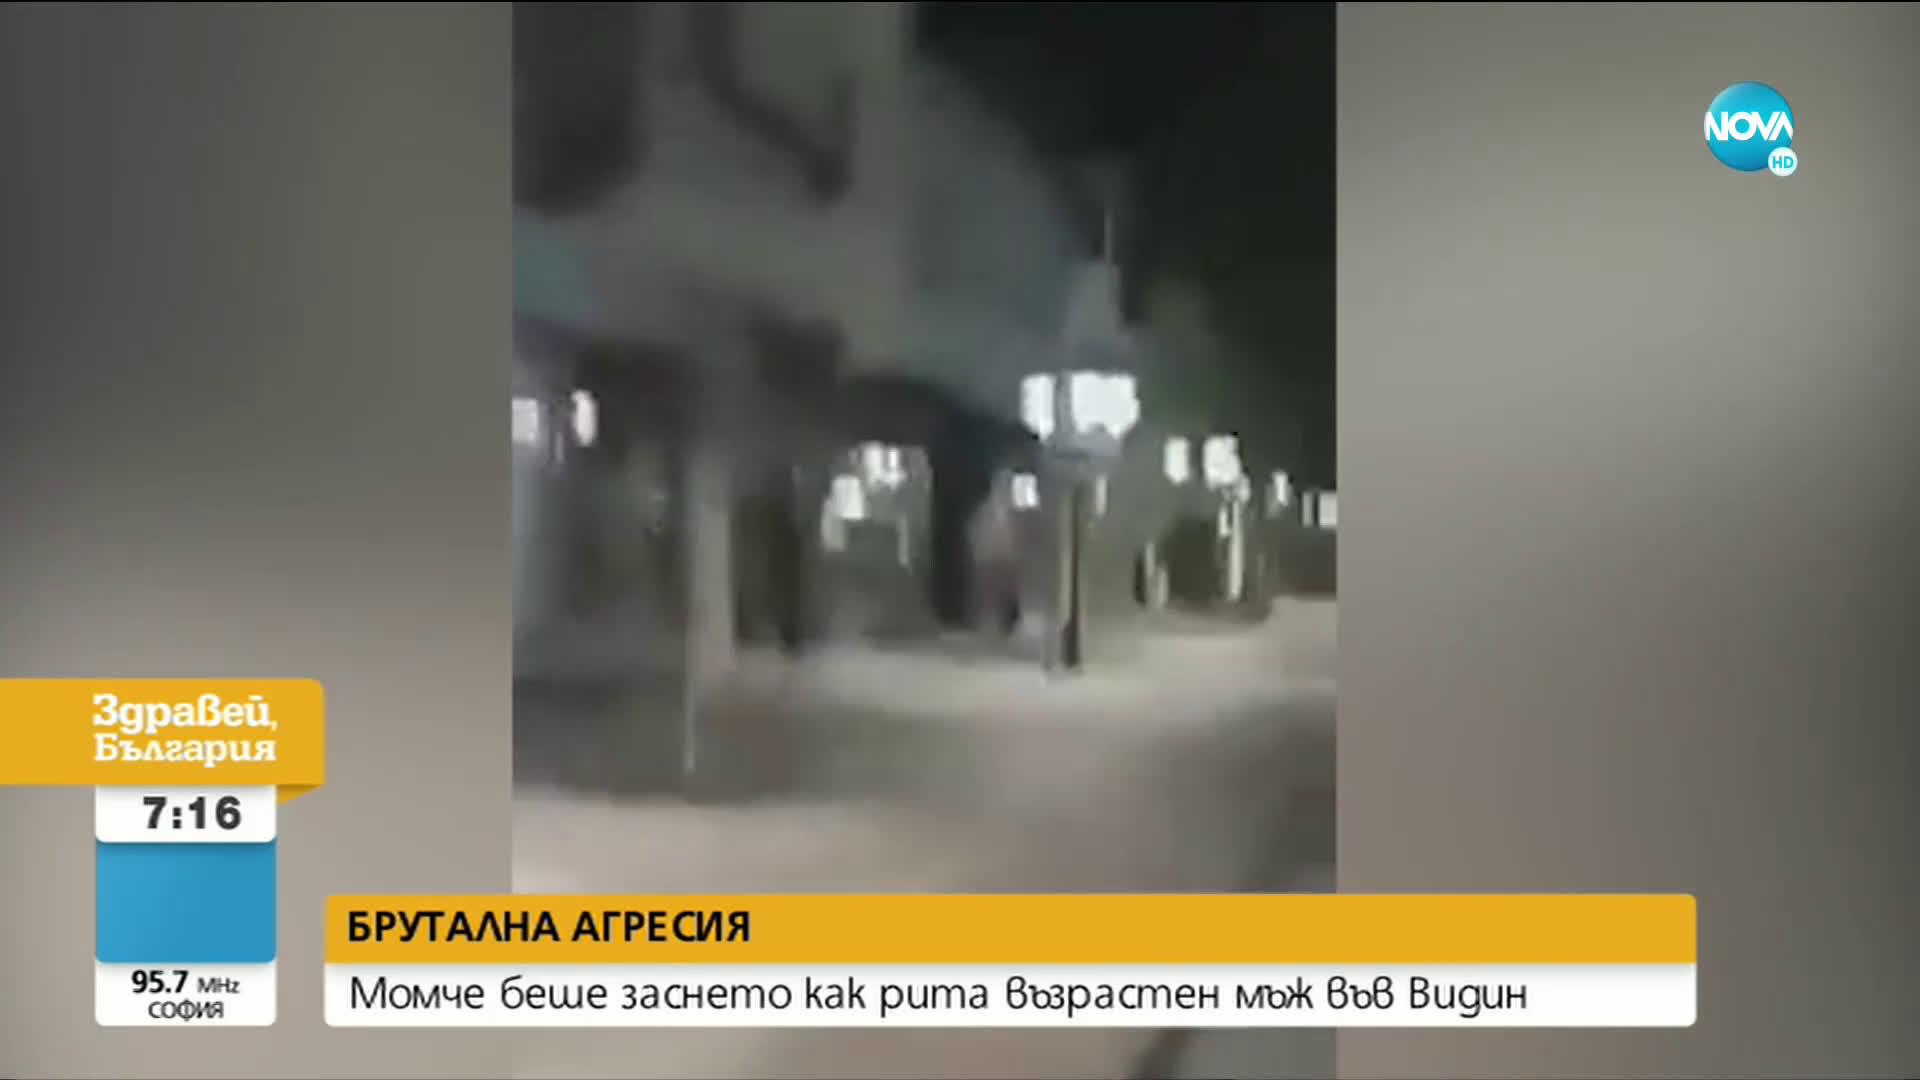 Клип с непровокирана агресия срещу възрастен мъж взриви мрежата